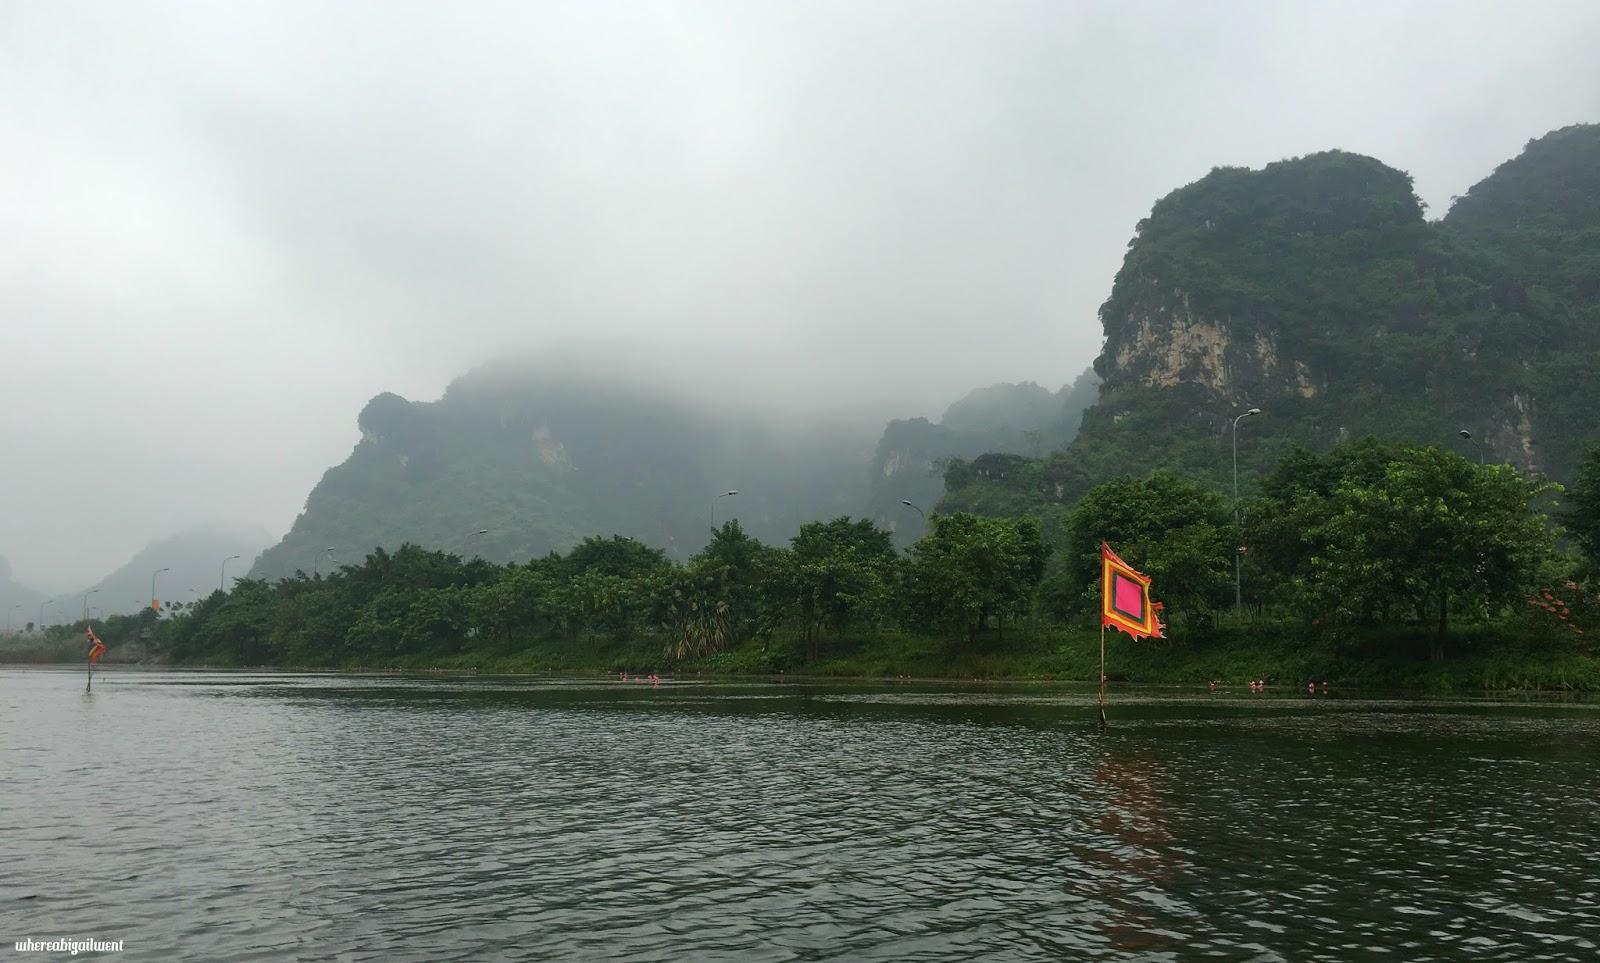 Trang An Landscape Complex Rowboat Tour